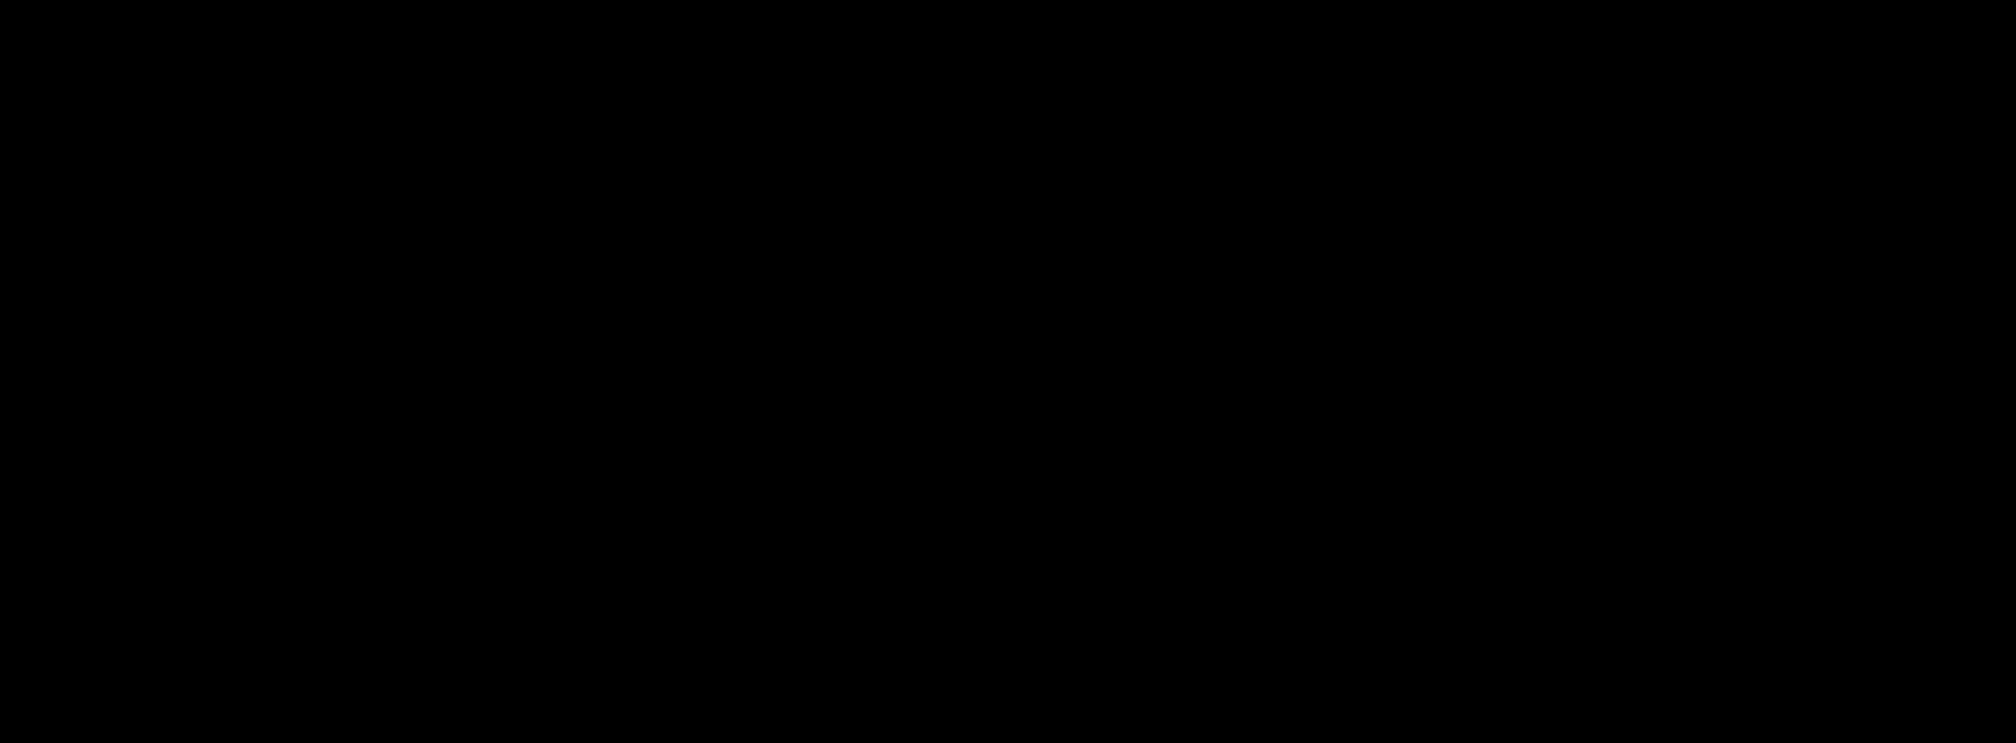 Loop Bands (Light x 10)